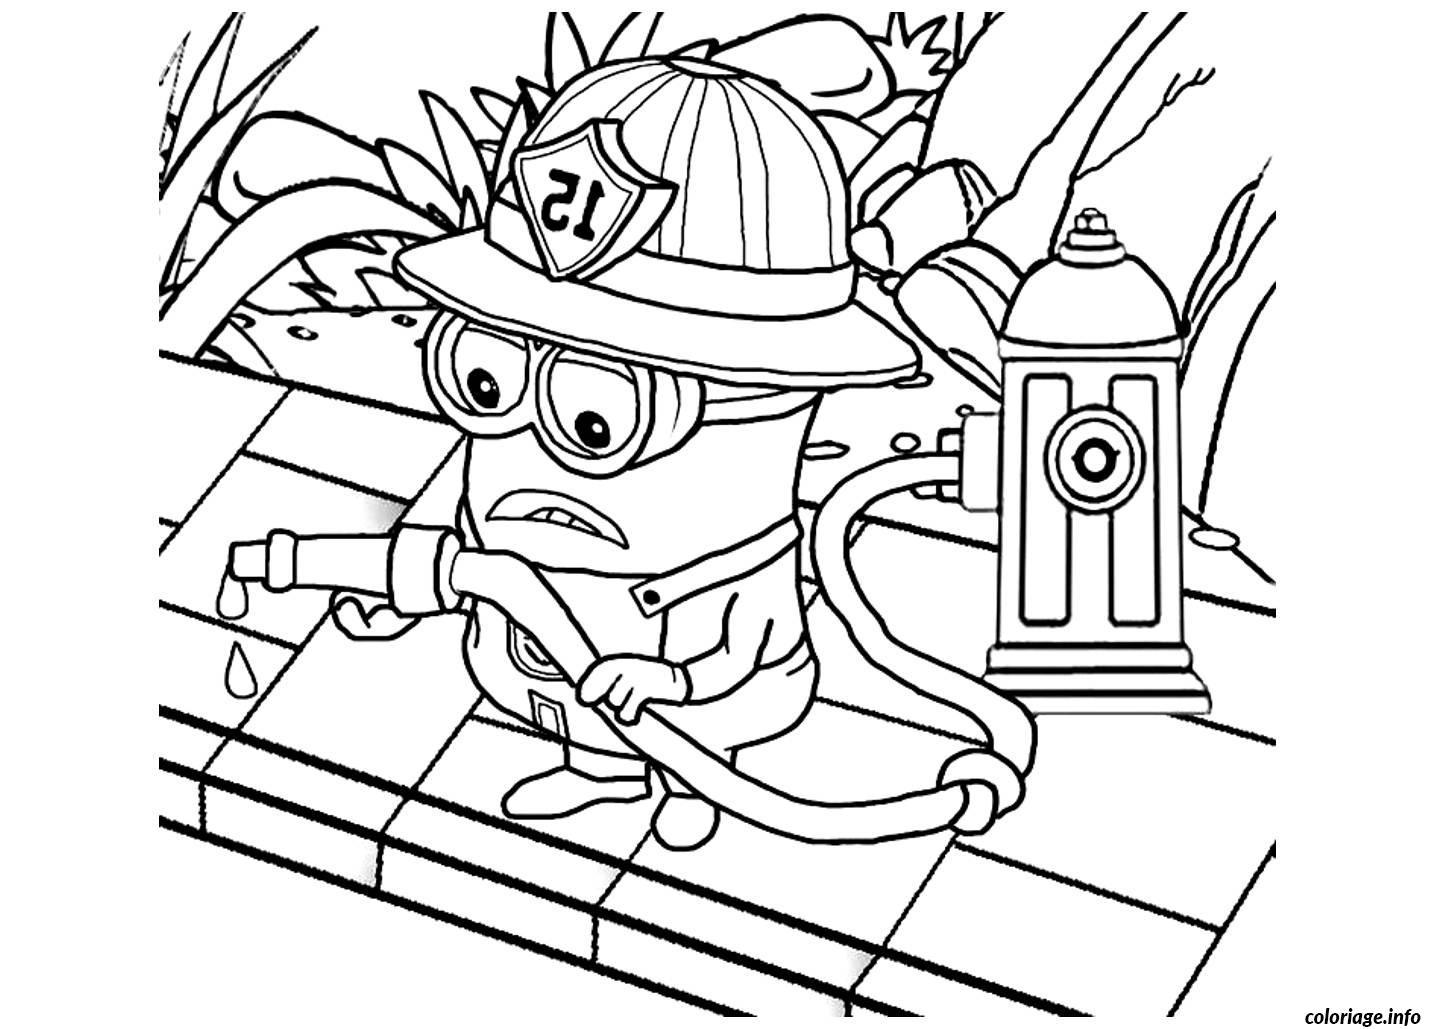 Coloriage Dessin Minion Le Pompier Dessin